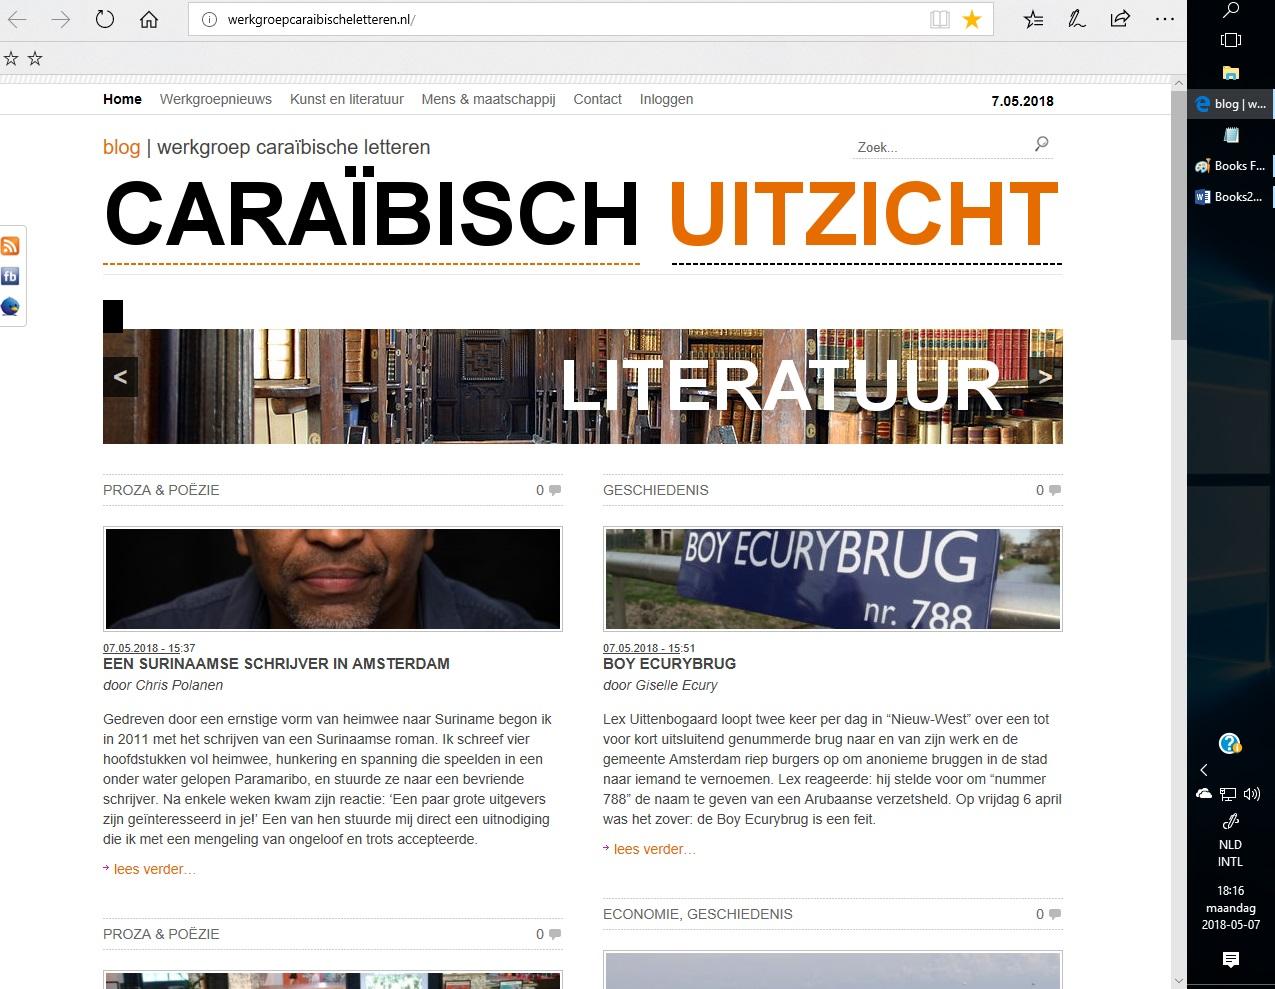 Books Werkgr Caraibische Letteren